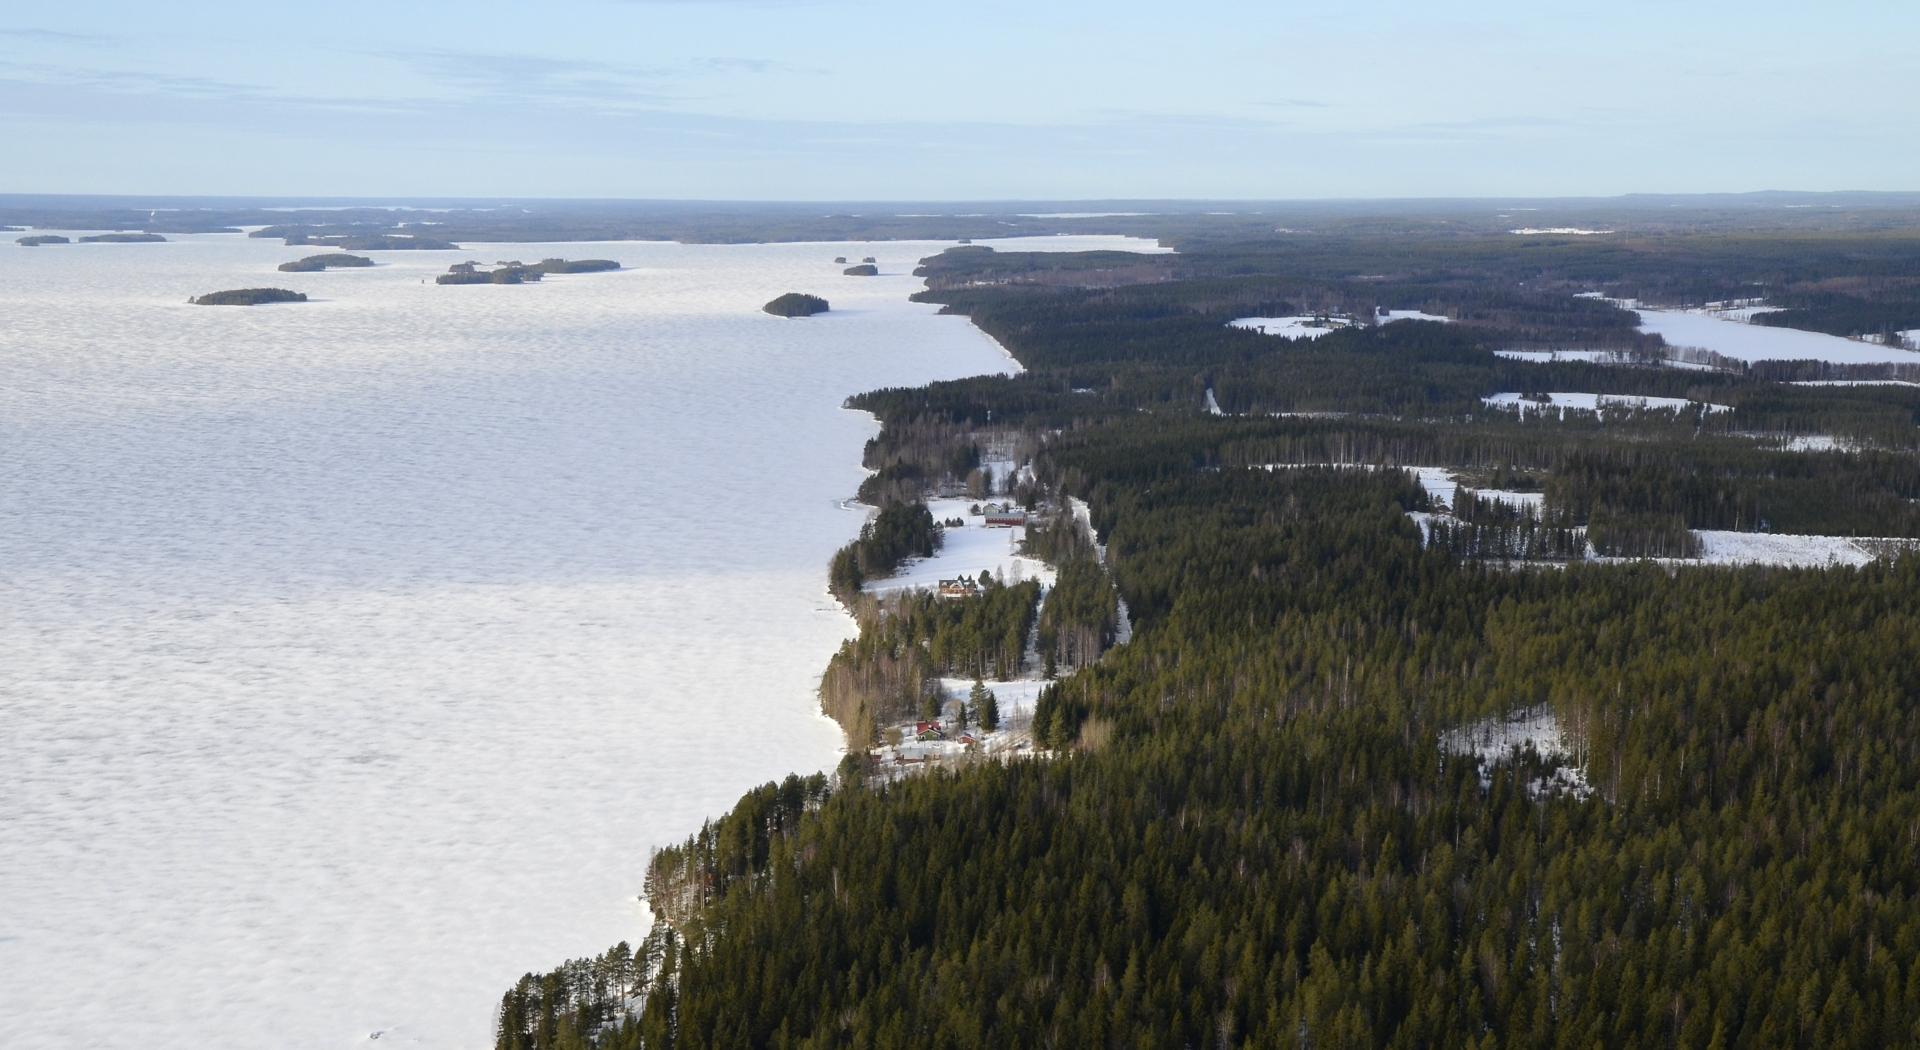 Tohmonkylä